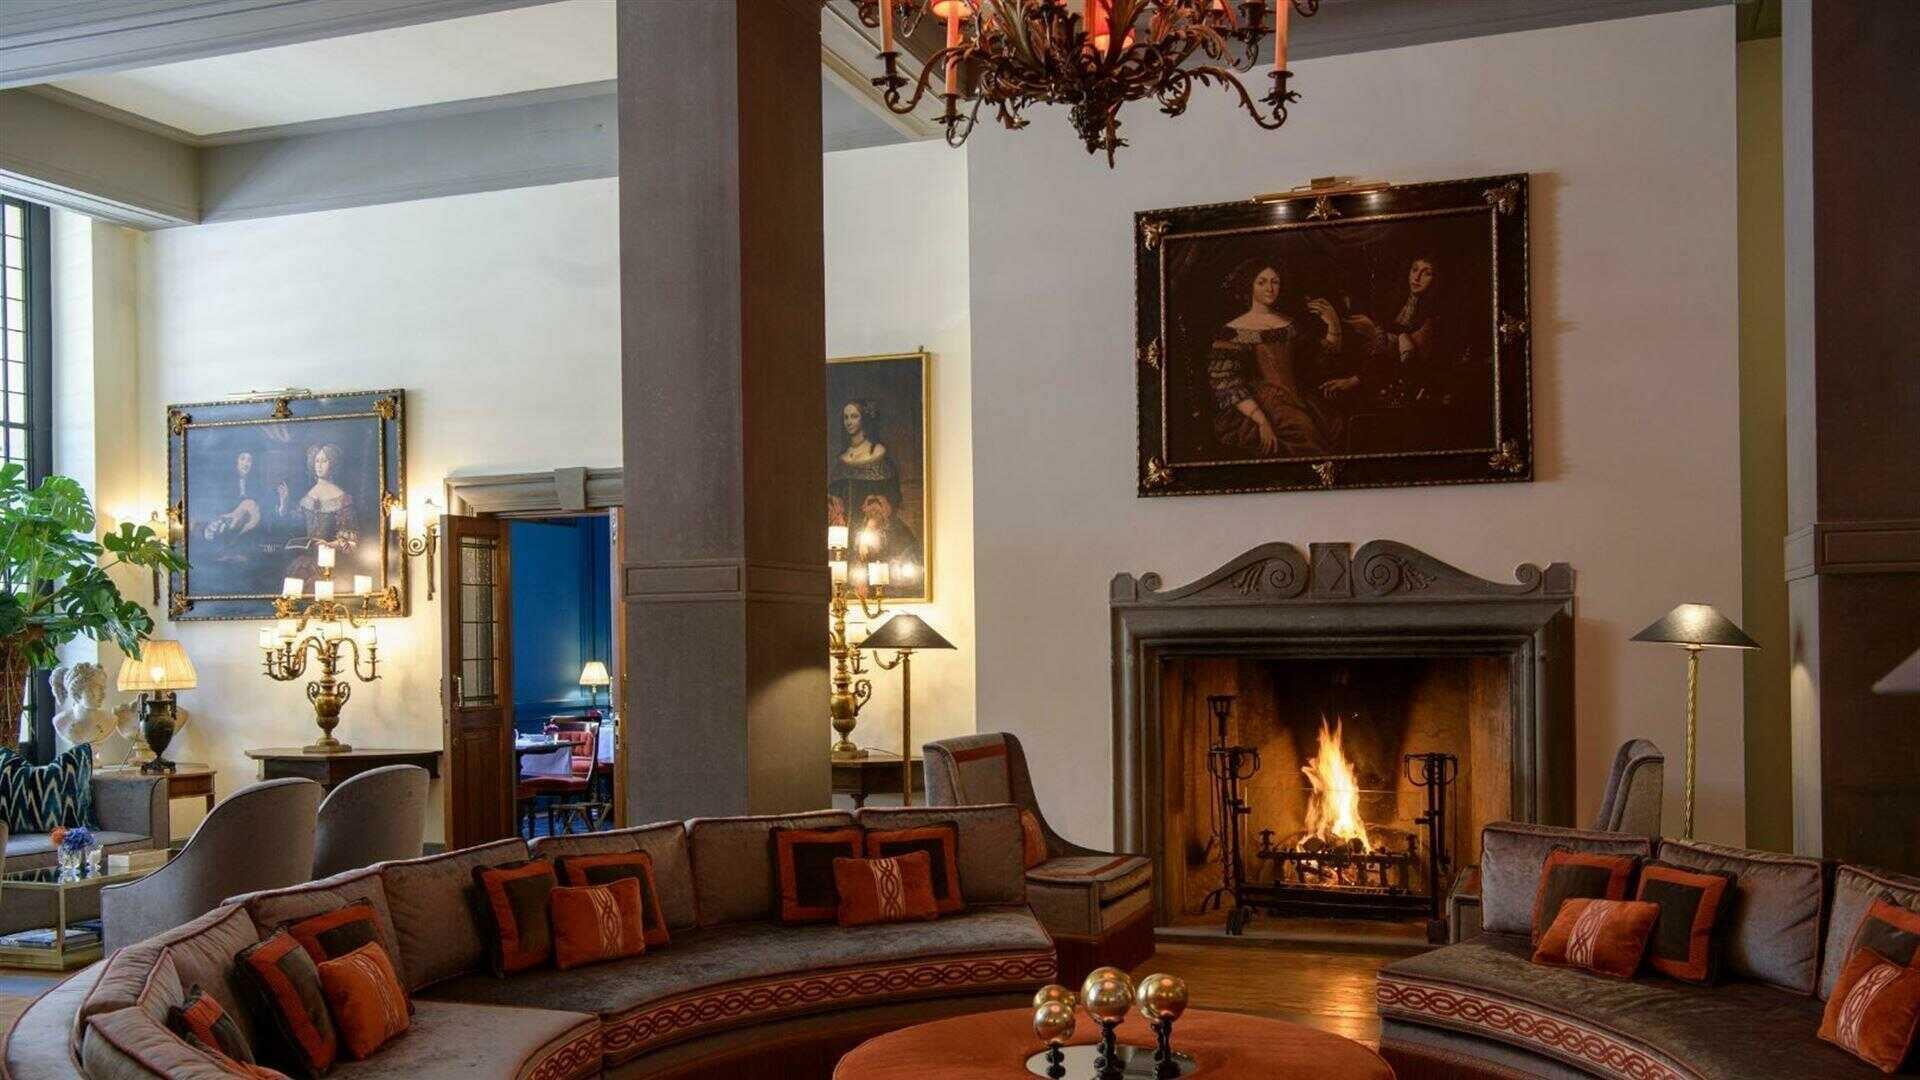 Sale Riunioni Firenze : Sale meeting e centri congressi a stelle in città a firenze